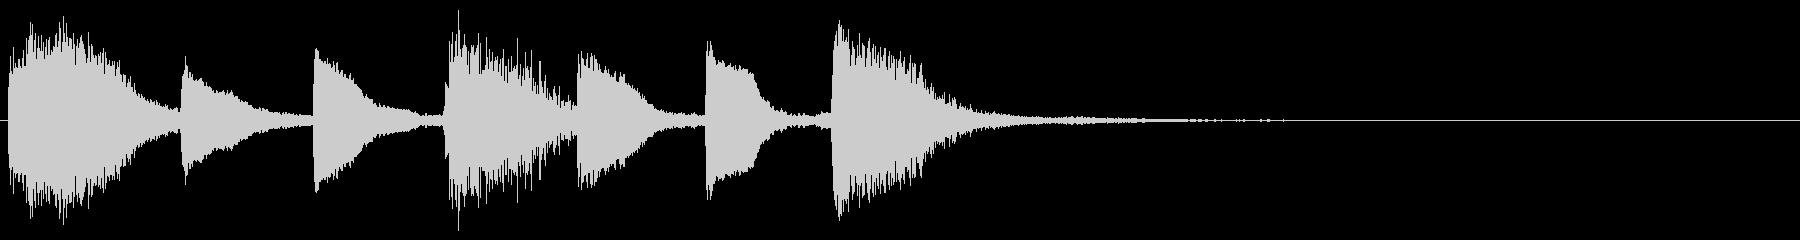 明るいピアノジングルの未再生の波形